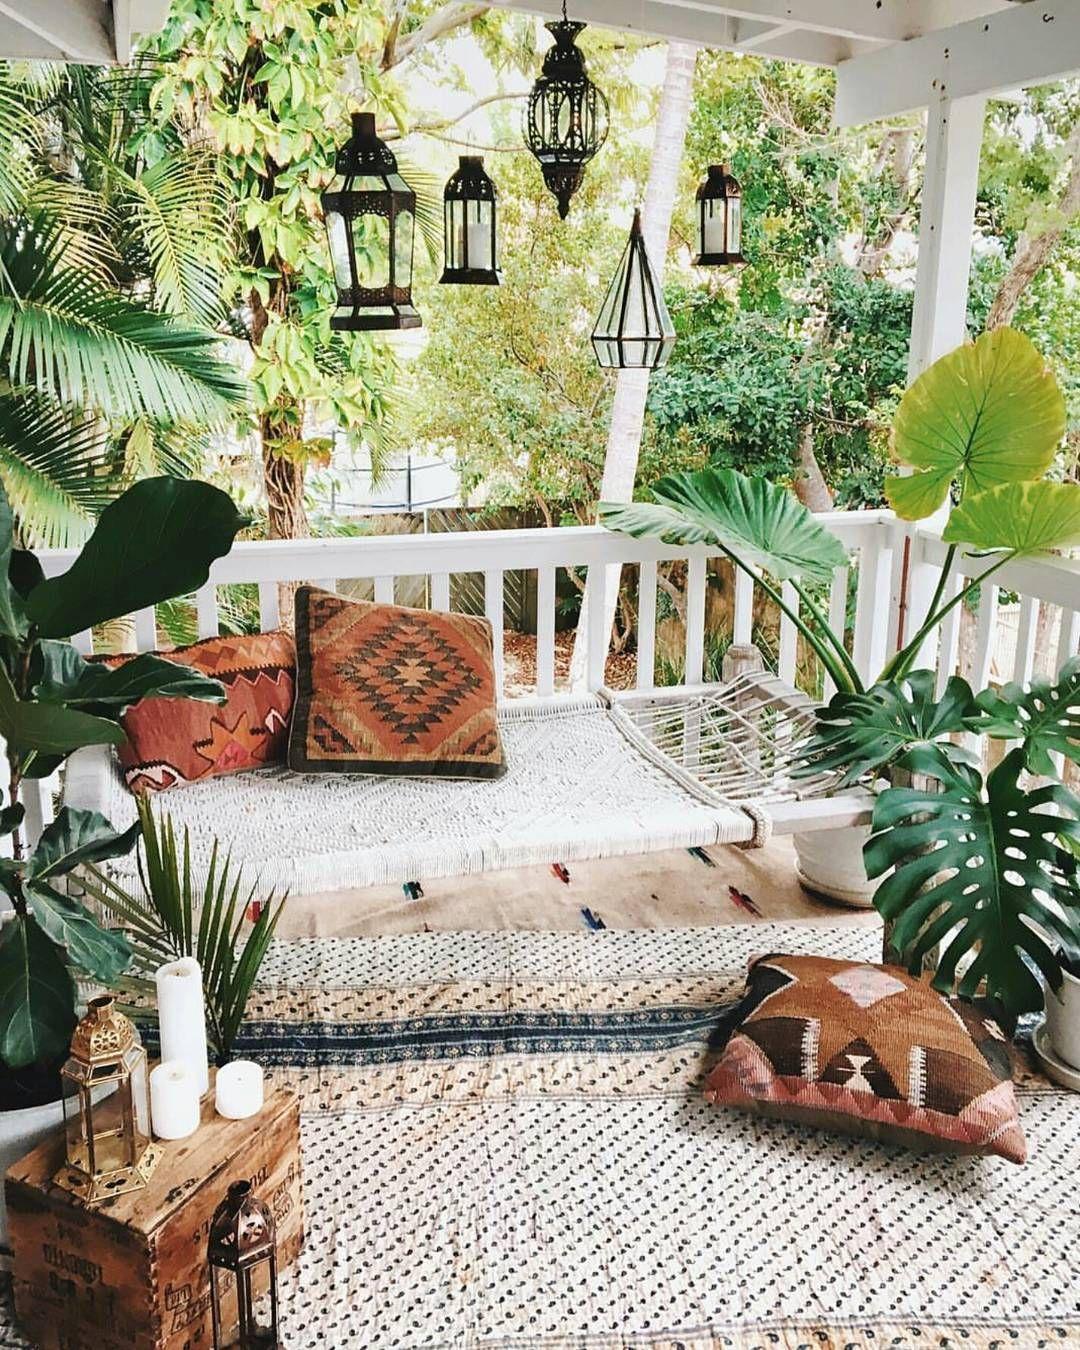 Ambiance tropicale sous le porche de bois blanc plantes lanternes coussins et lits dappoint indigo soul collective indigosoulcollective • instagram